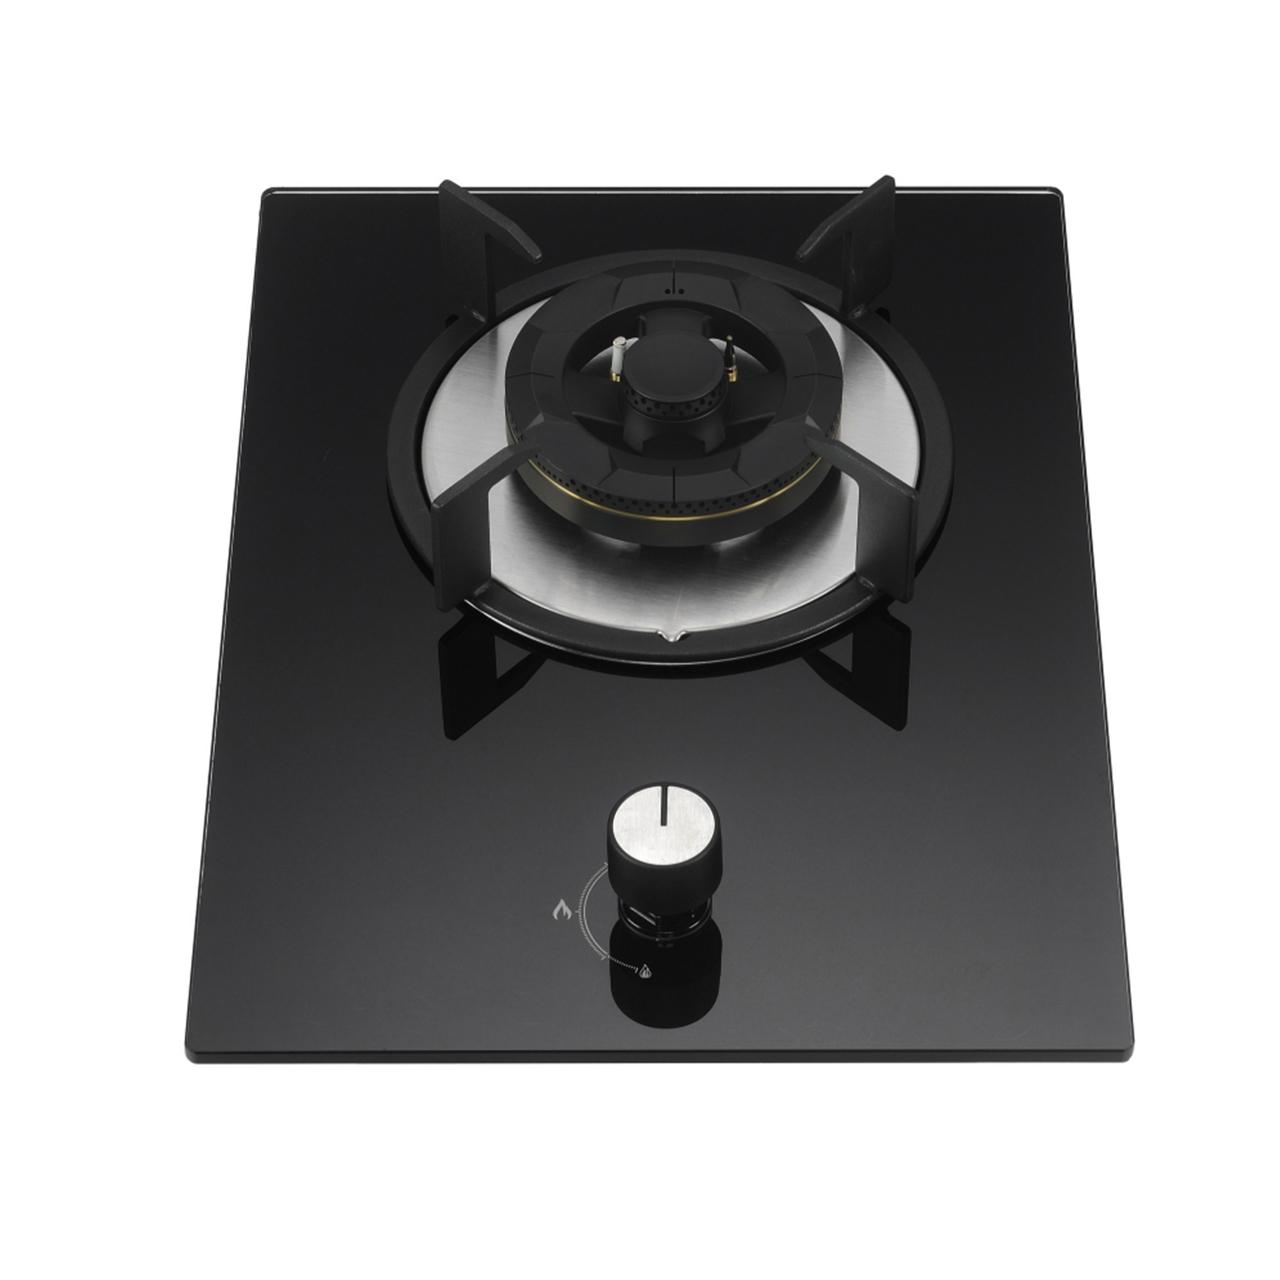 K2-Q1G010W黑色全进风厨房家用灶具